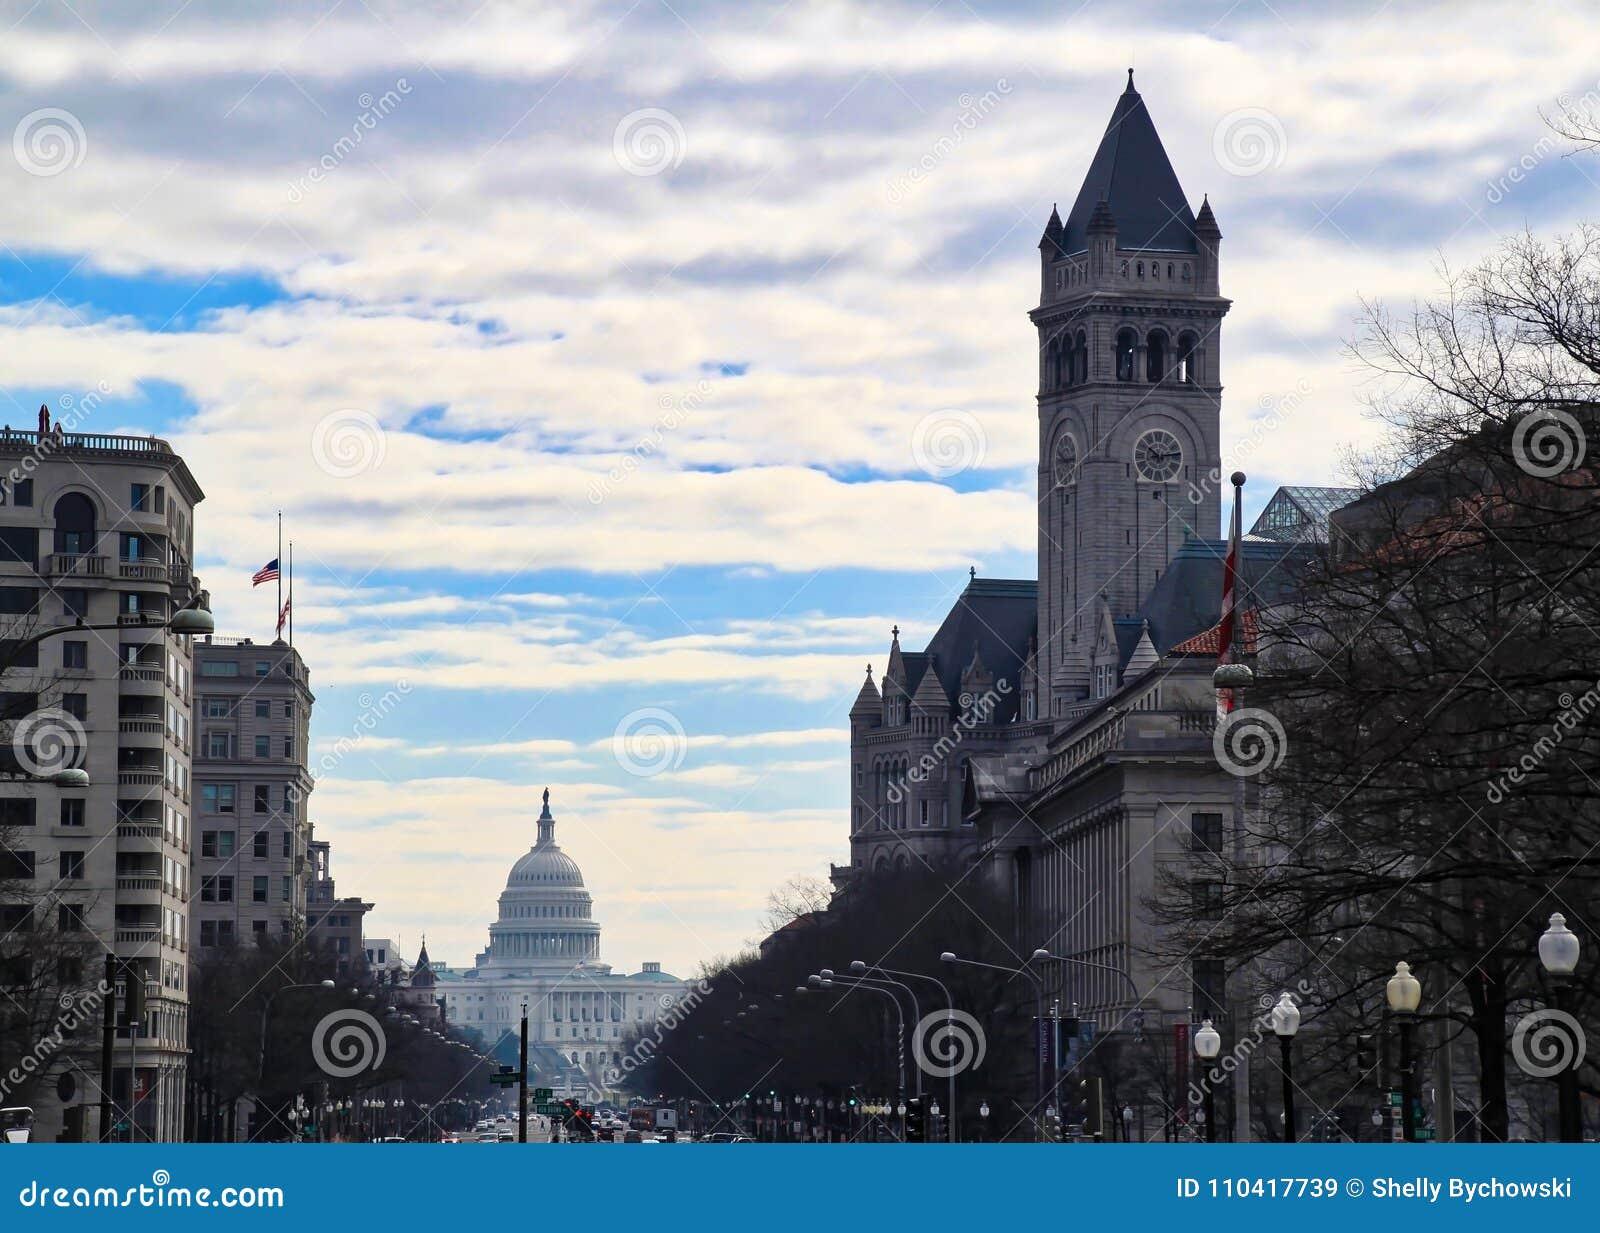 Городского пейзажа взгляда оживленная улица вниз при капитолий строя в конце